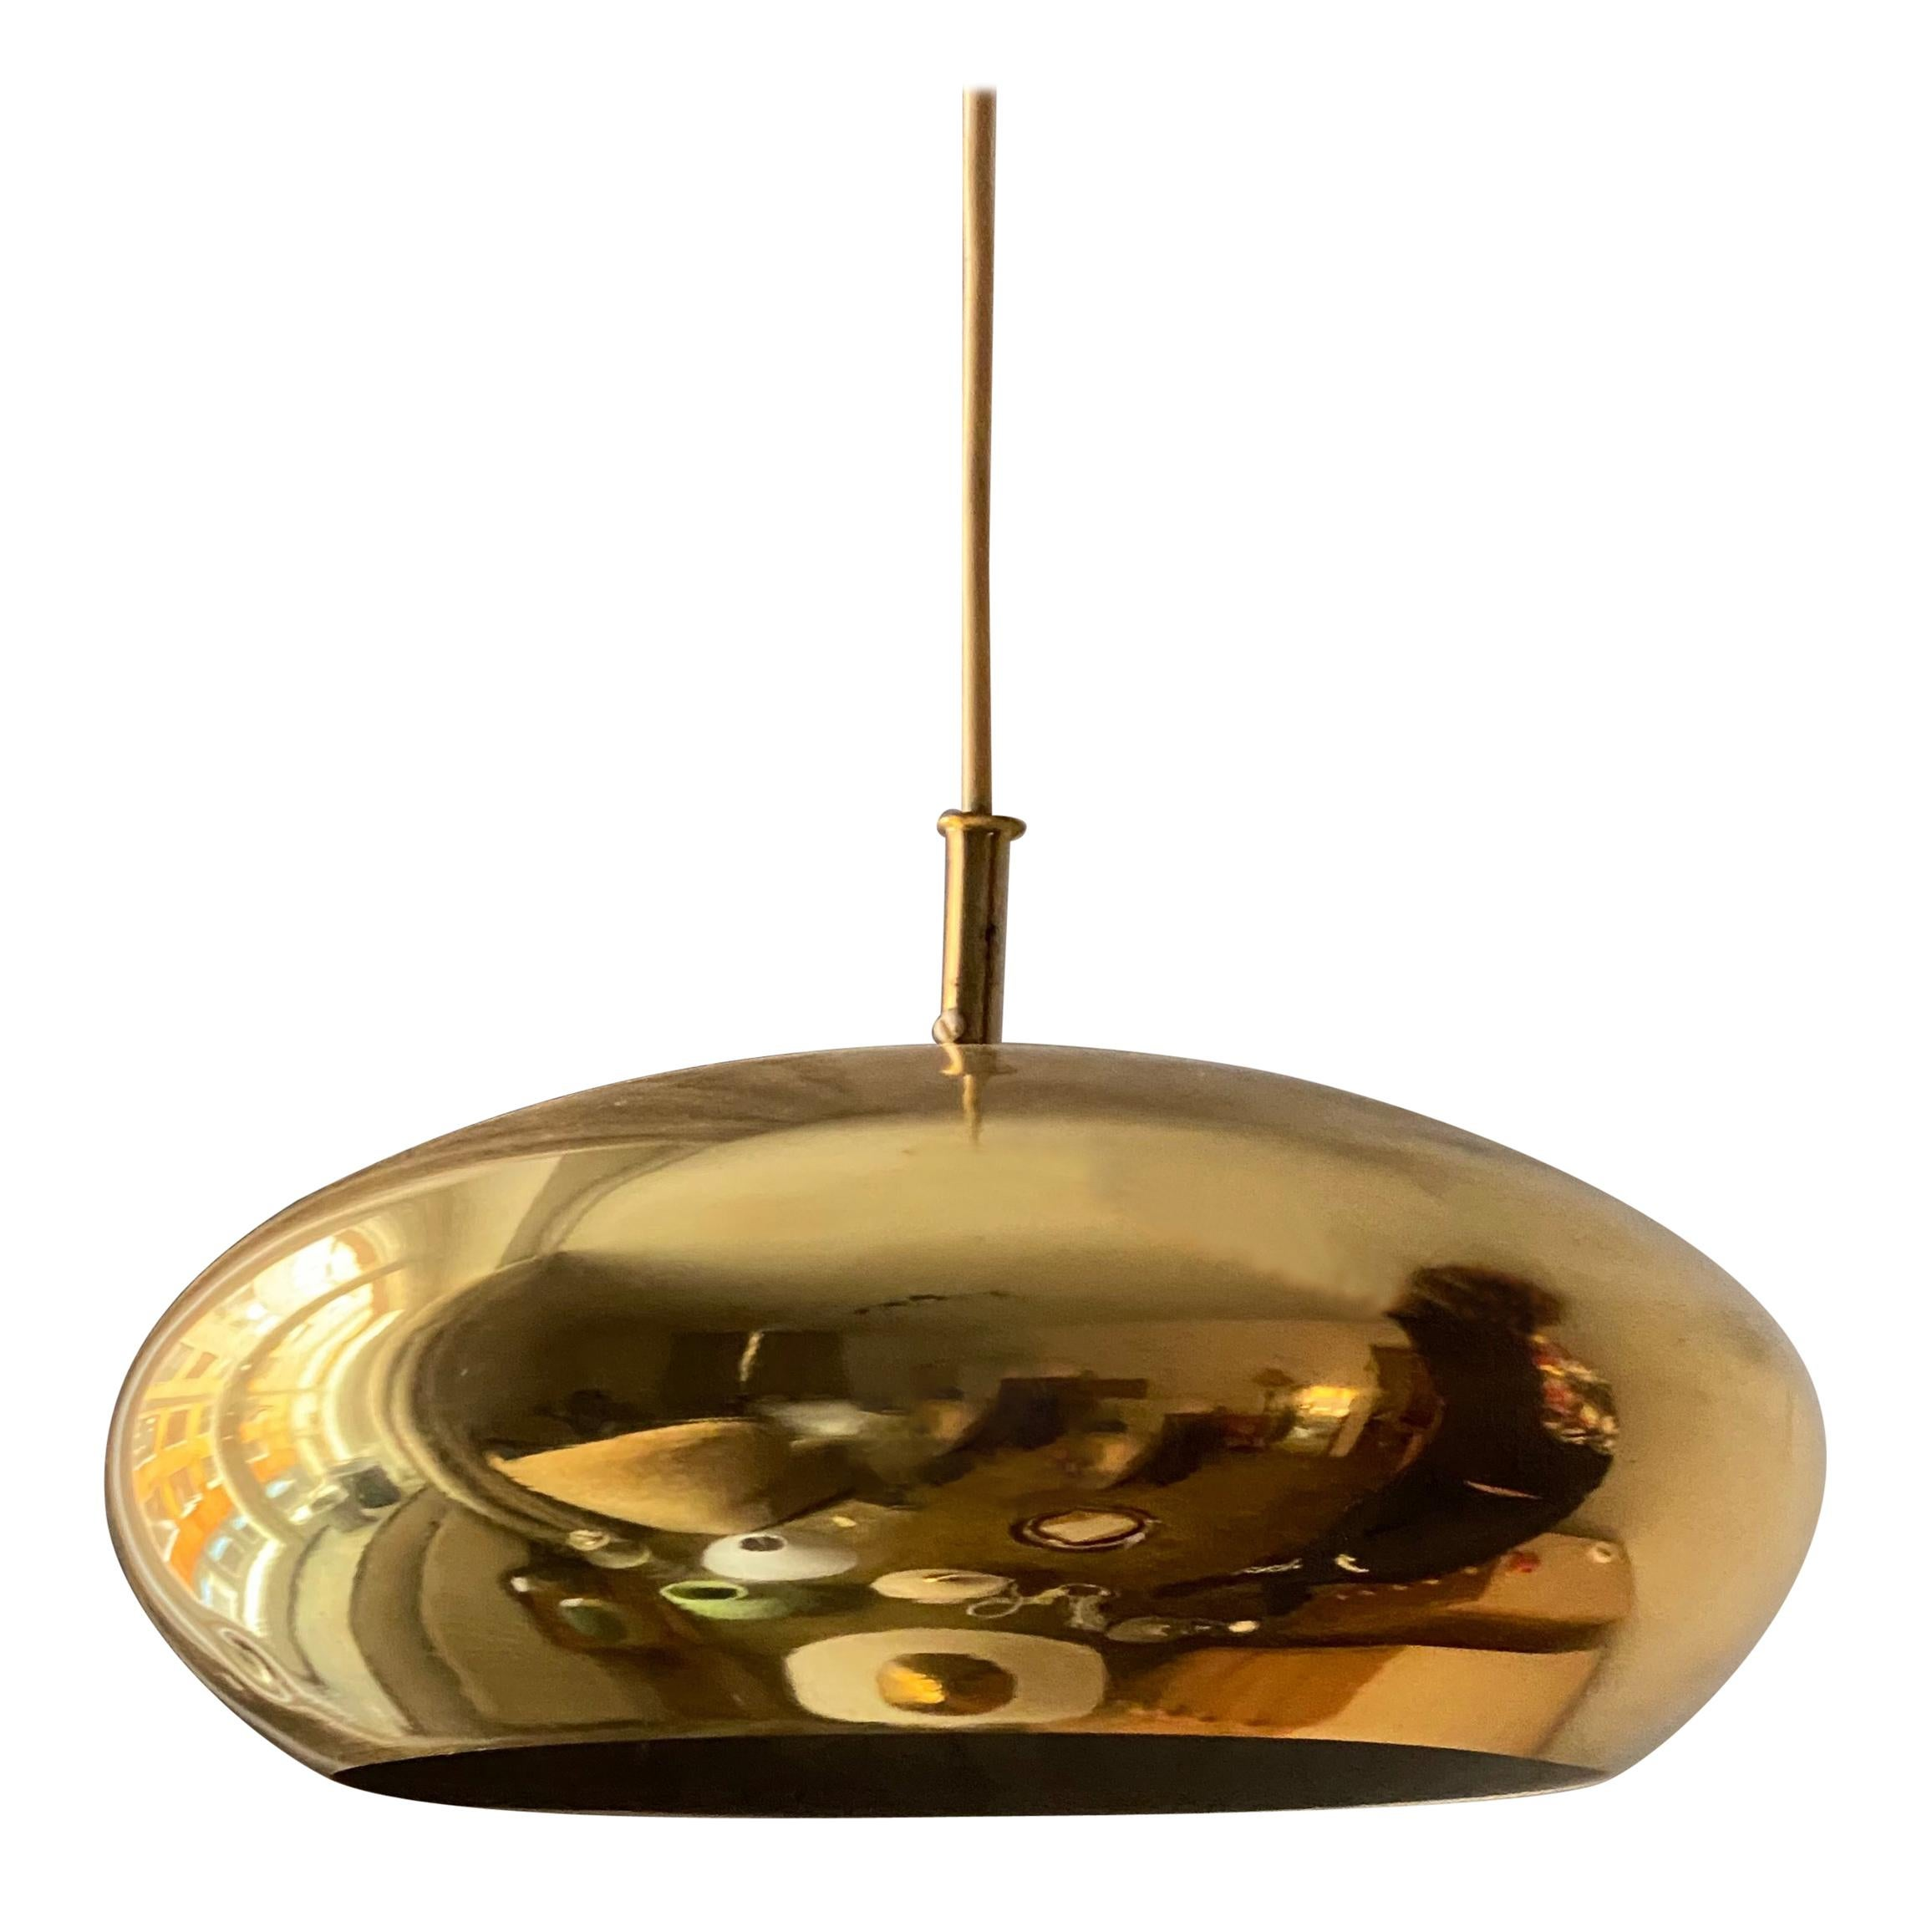 Falkenbergs Belysning, Pendant Lamp, Polished Brass, Sweden, 1960s